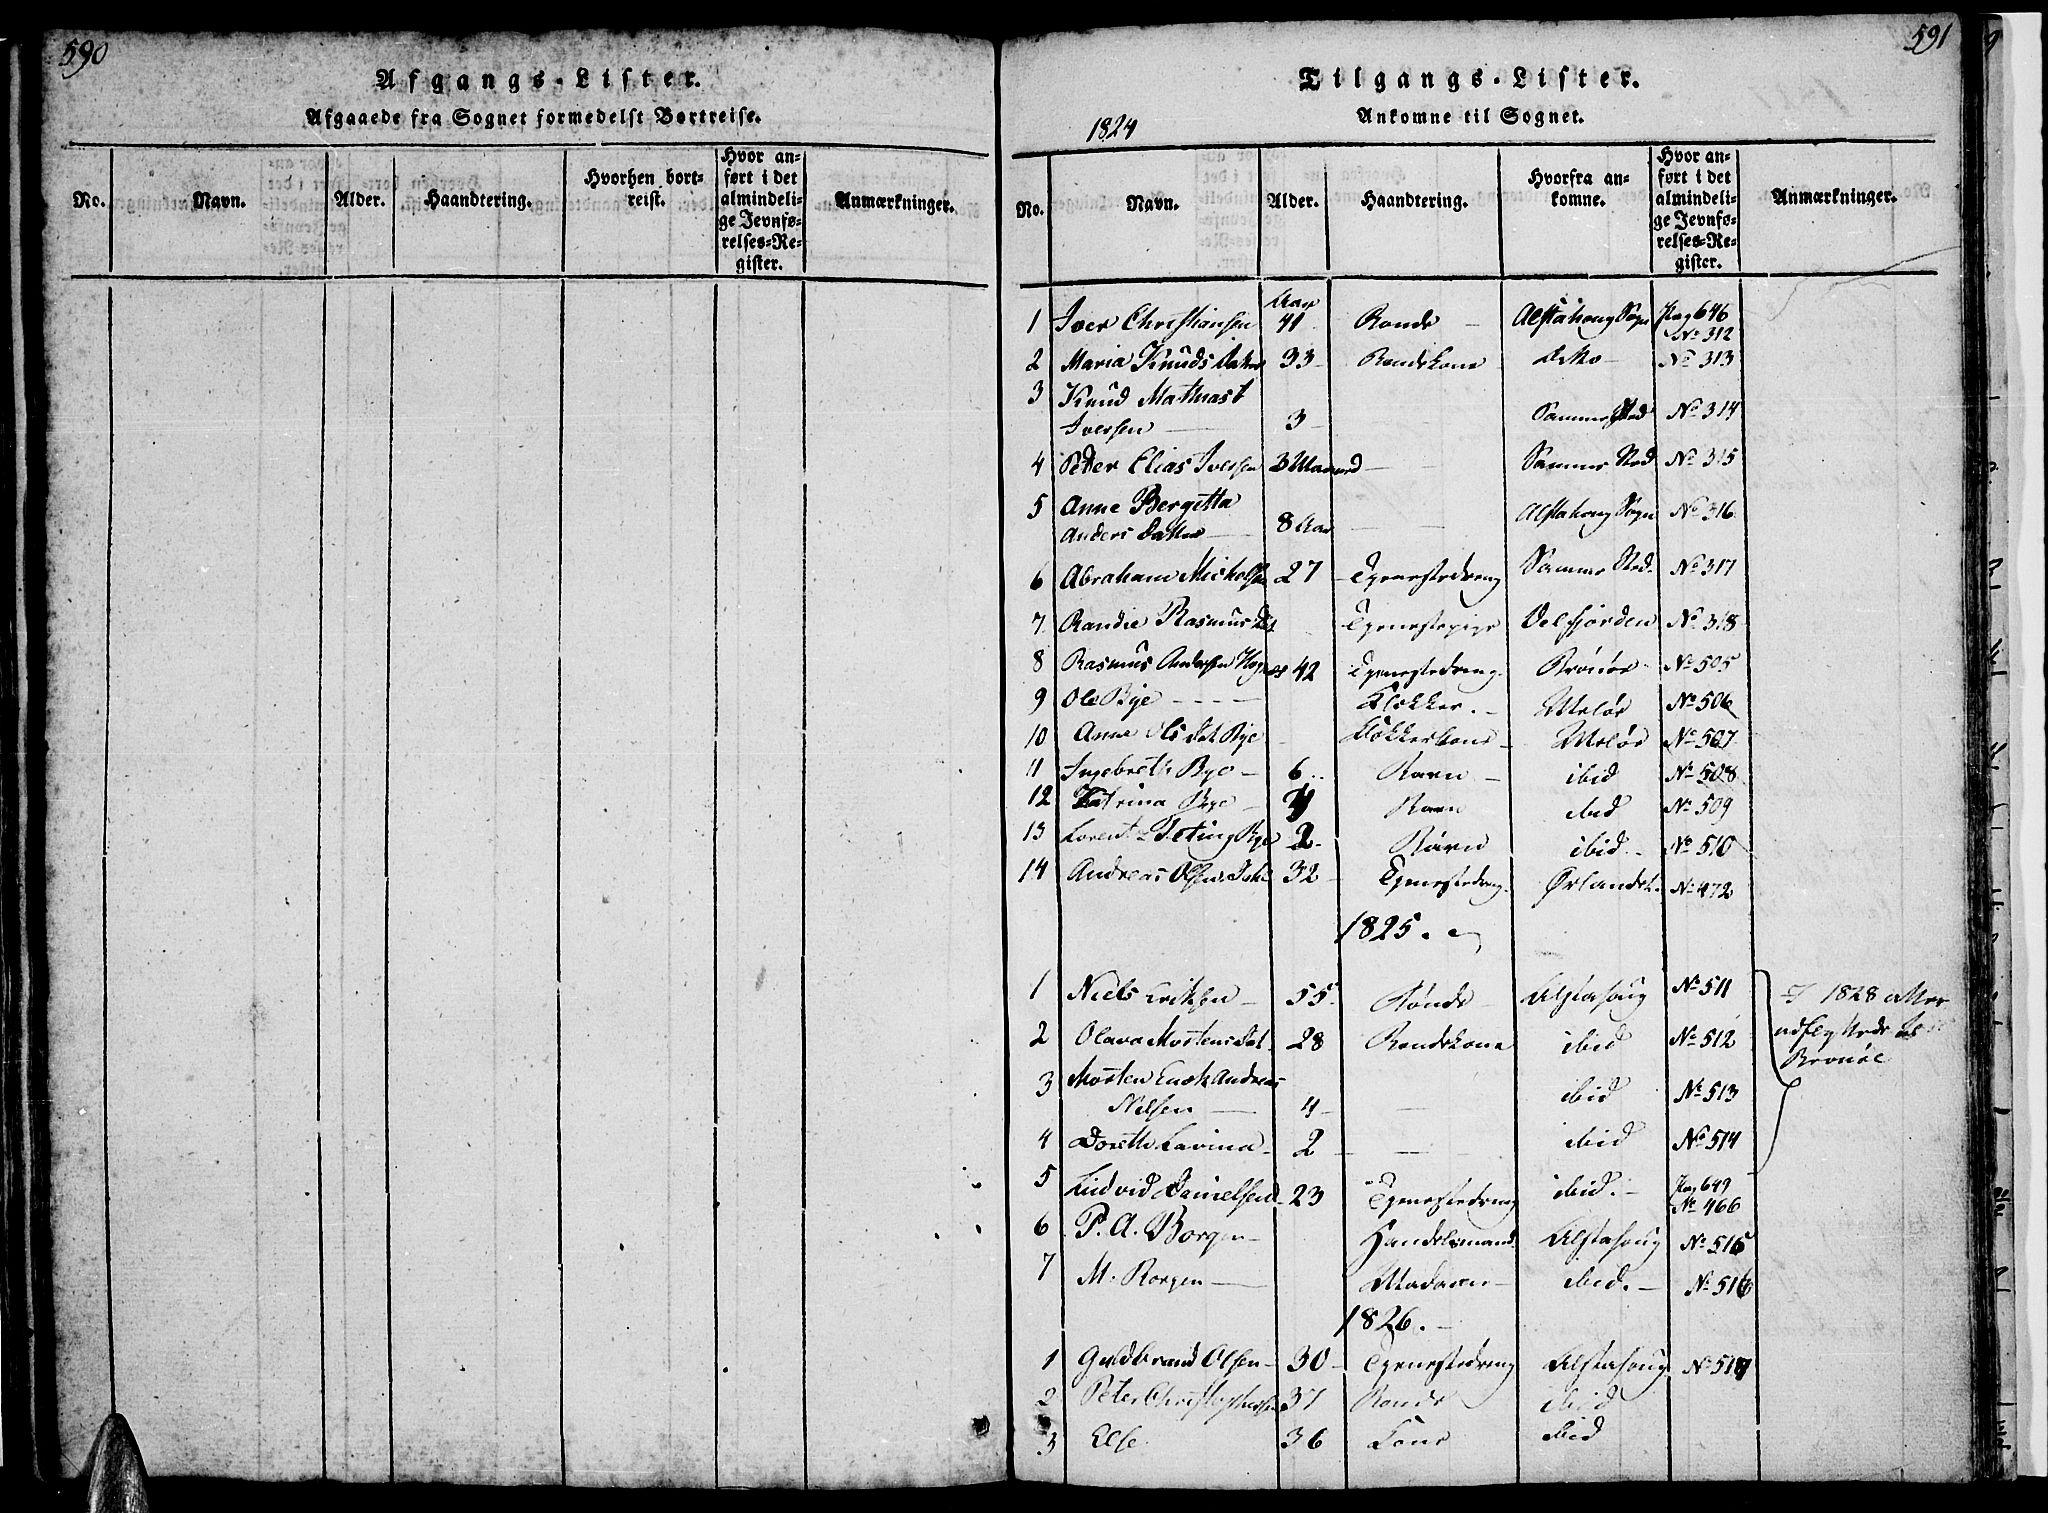 SAT, Ministerialprotokoller, klokkerbøker og fødselsregistre - Nordland, 816/L0239: Parish register (official) no. 816A05, 1820-1845, p. 590-591